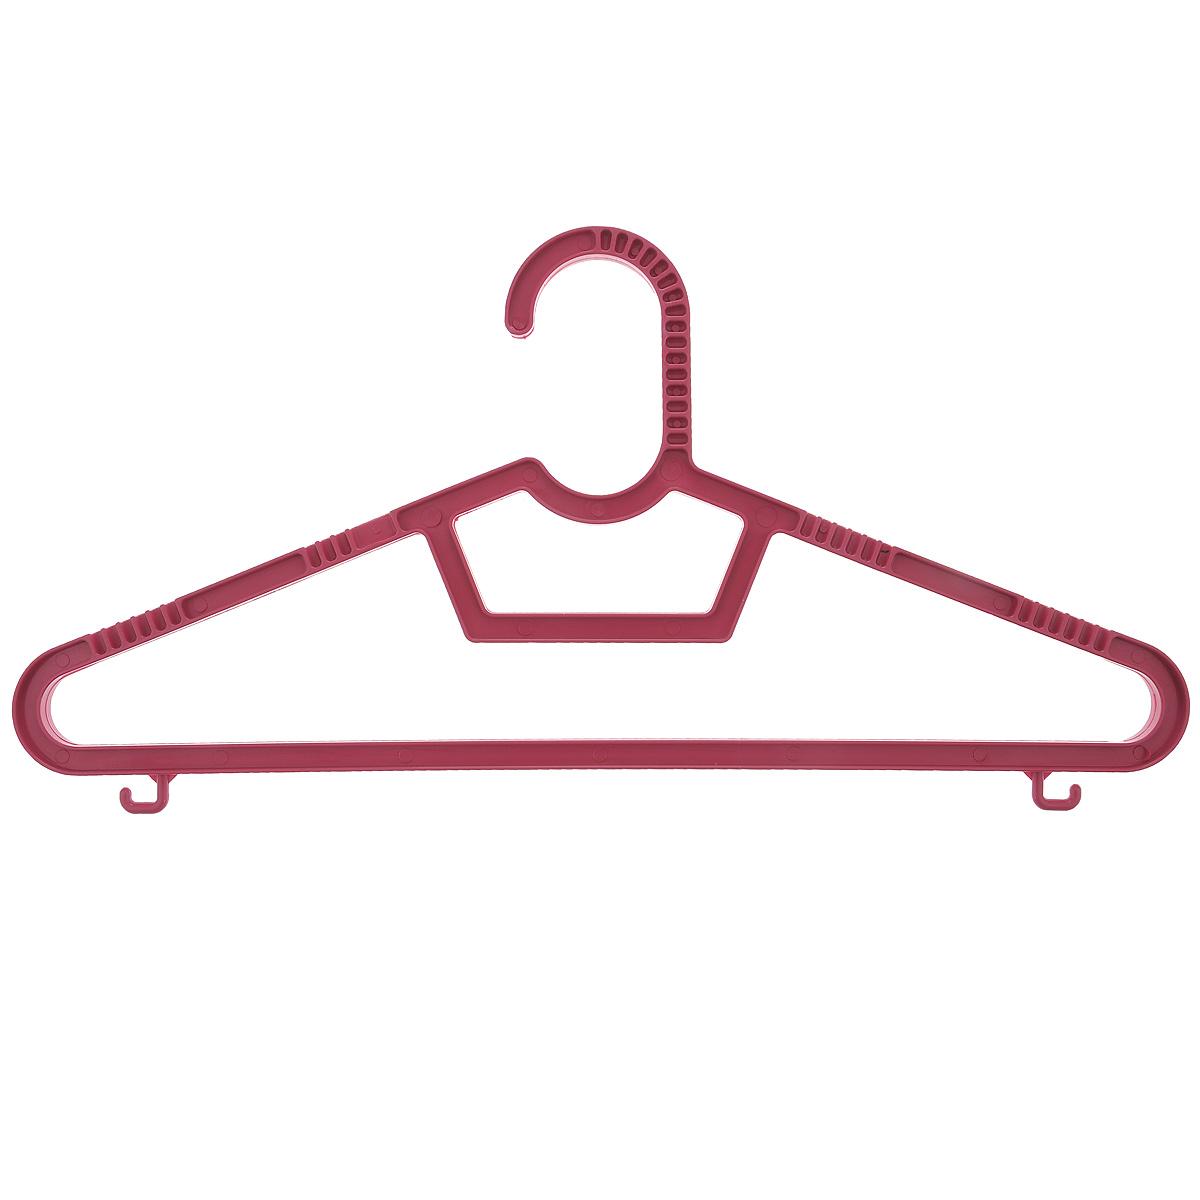 Набор вешалок Полимербыт, с перекладиной, с крючками, цвет: темно-розовый, размер 40-42, 3 штС236Набор вешалок Полимербыт выполнен из пластика. Изделия оснащены перекладинами и крючками. Вешалка - это незаменимая вещь для того, чтобы ваша одежда всегда оставалась в хорошем состоянии.Комплектация: 3 шт. Размер одежды: 40-42.